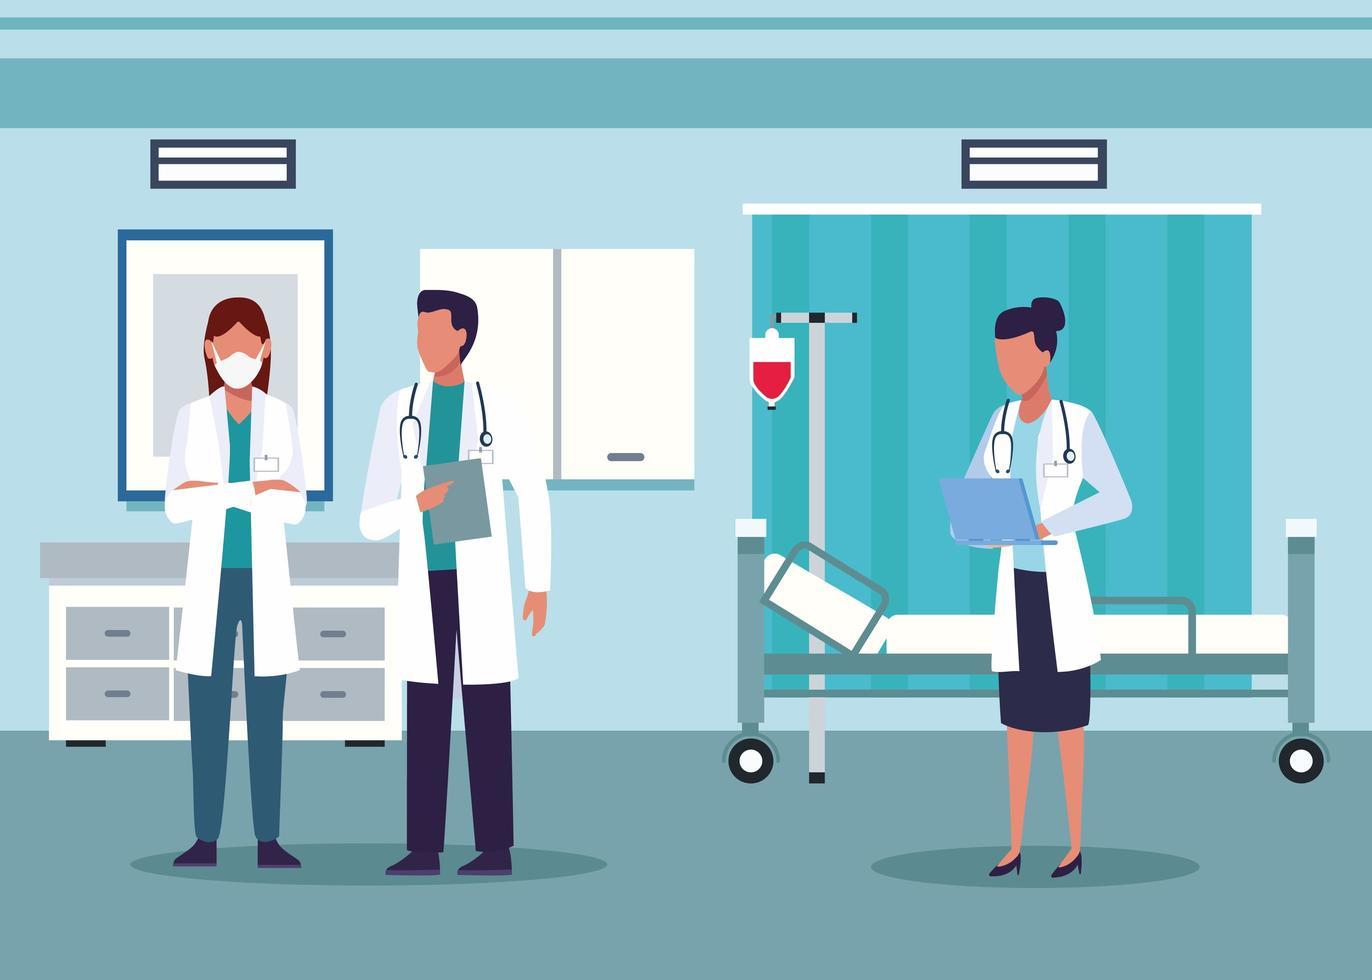 groupe de divers médecins dans la chambre d'hôpital vecteur